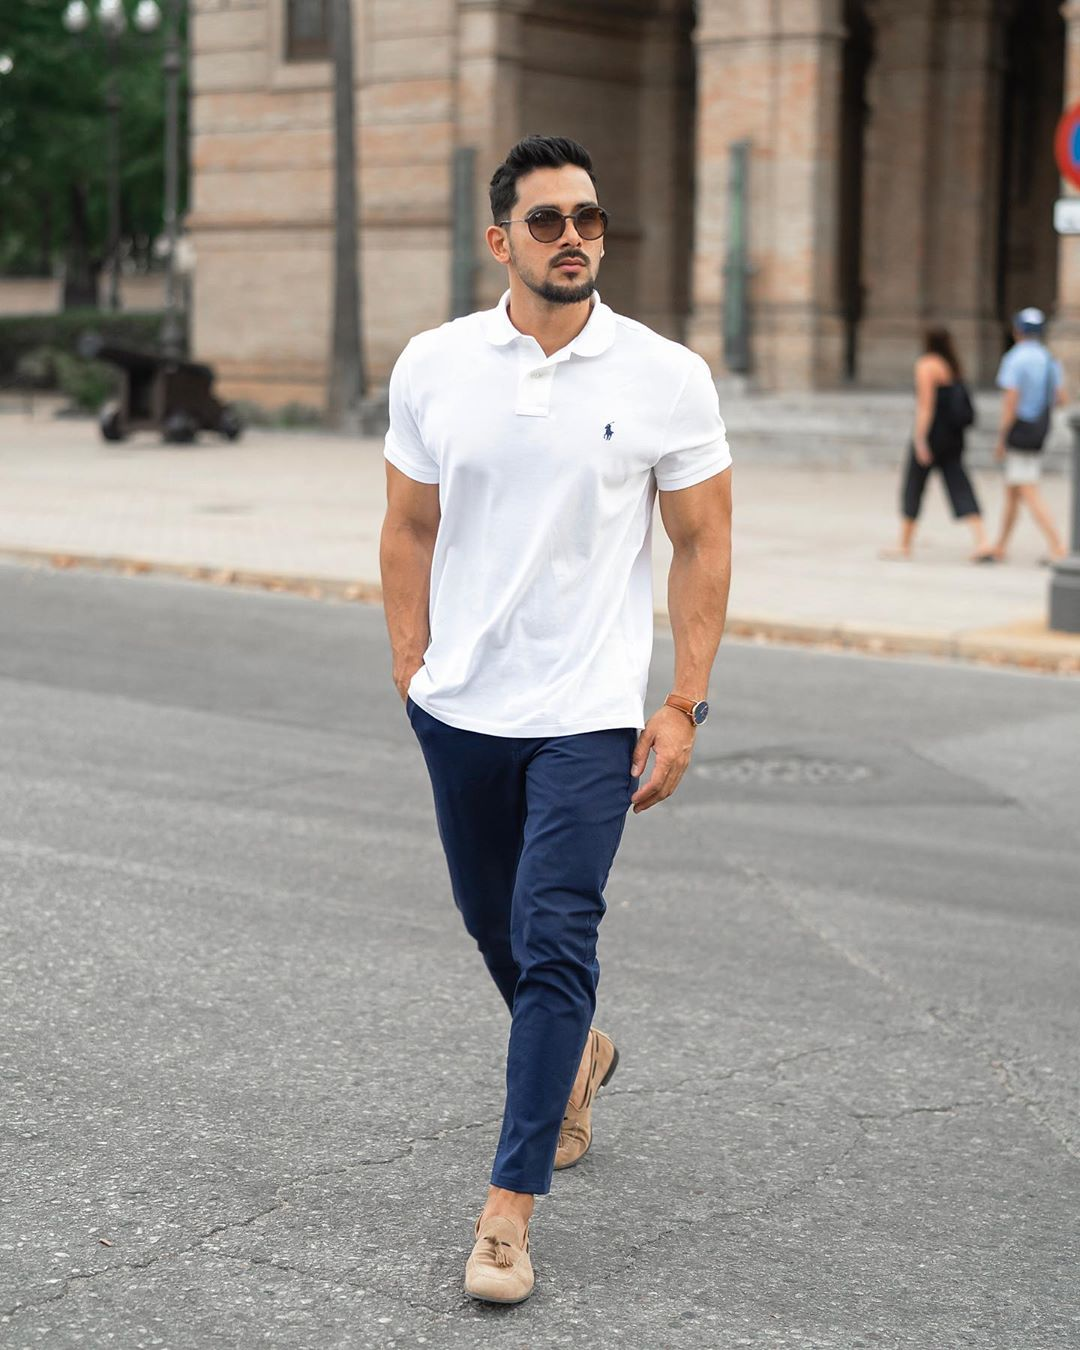 Cách phối màu quần áo nam giúp chàng tôn da độc đáo hơn